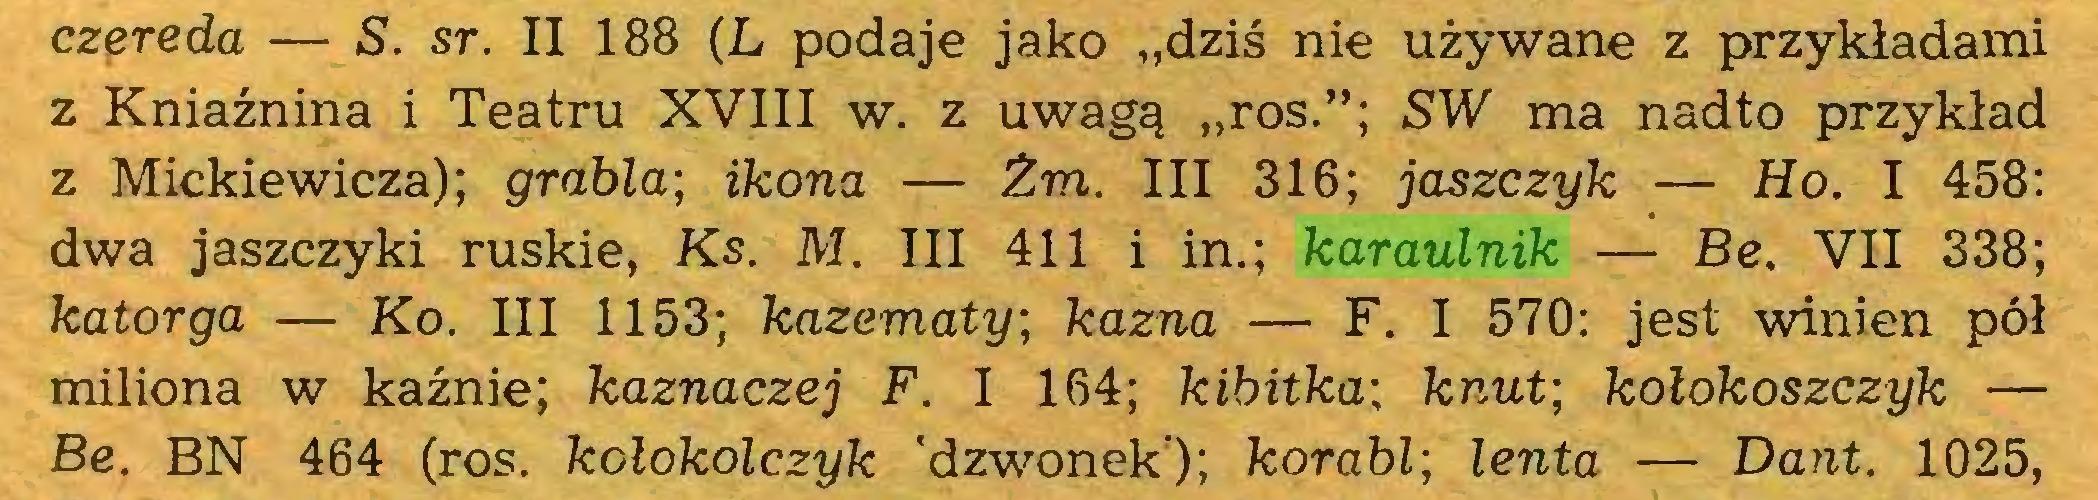 """(...) czereda — S. sr. II 188 (L podaje jako """"dziś nie używane z przykładami z Kniaźnina i Teatru XVIII w. z uwagą """"ros.""""; SW ma nadto przykład z Mickiewicza); grabla\ ikona — Żm. III 316; jaszczyk — Ho. I 458: dwa jaszczyki ruskie, Ks. M. III 411 i in.; karaulnik — Be. VII 338; katorga — Ko. III 1153; kazematy; kazna — F. I 570: jest winien pół miliona w kaźnie; kaznaczej F. I 164; kibitka; knut; kołokoszczyk — Be. BN 464 (ros. kołokolczyk 'dzwonek); korabl\ lenta — Dant. 1025,..."""